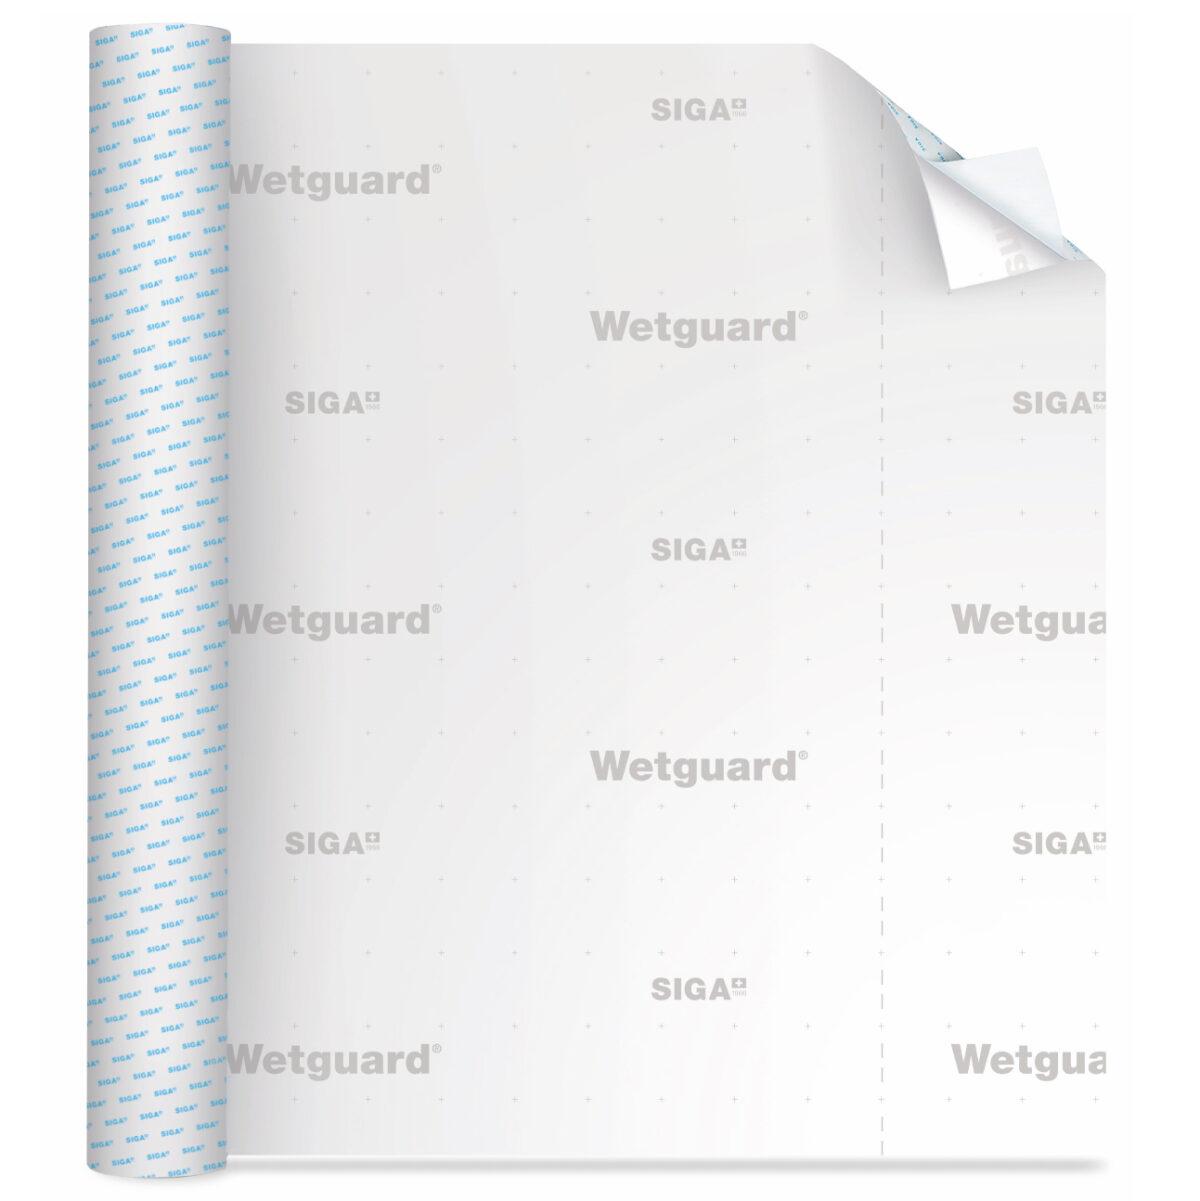 SIGA Wetguard 200 SA